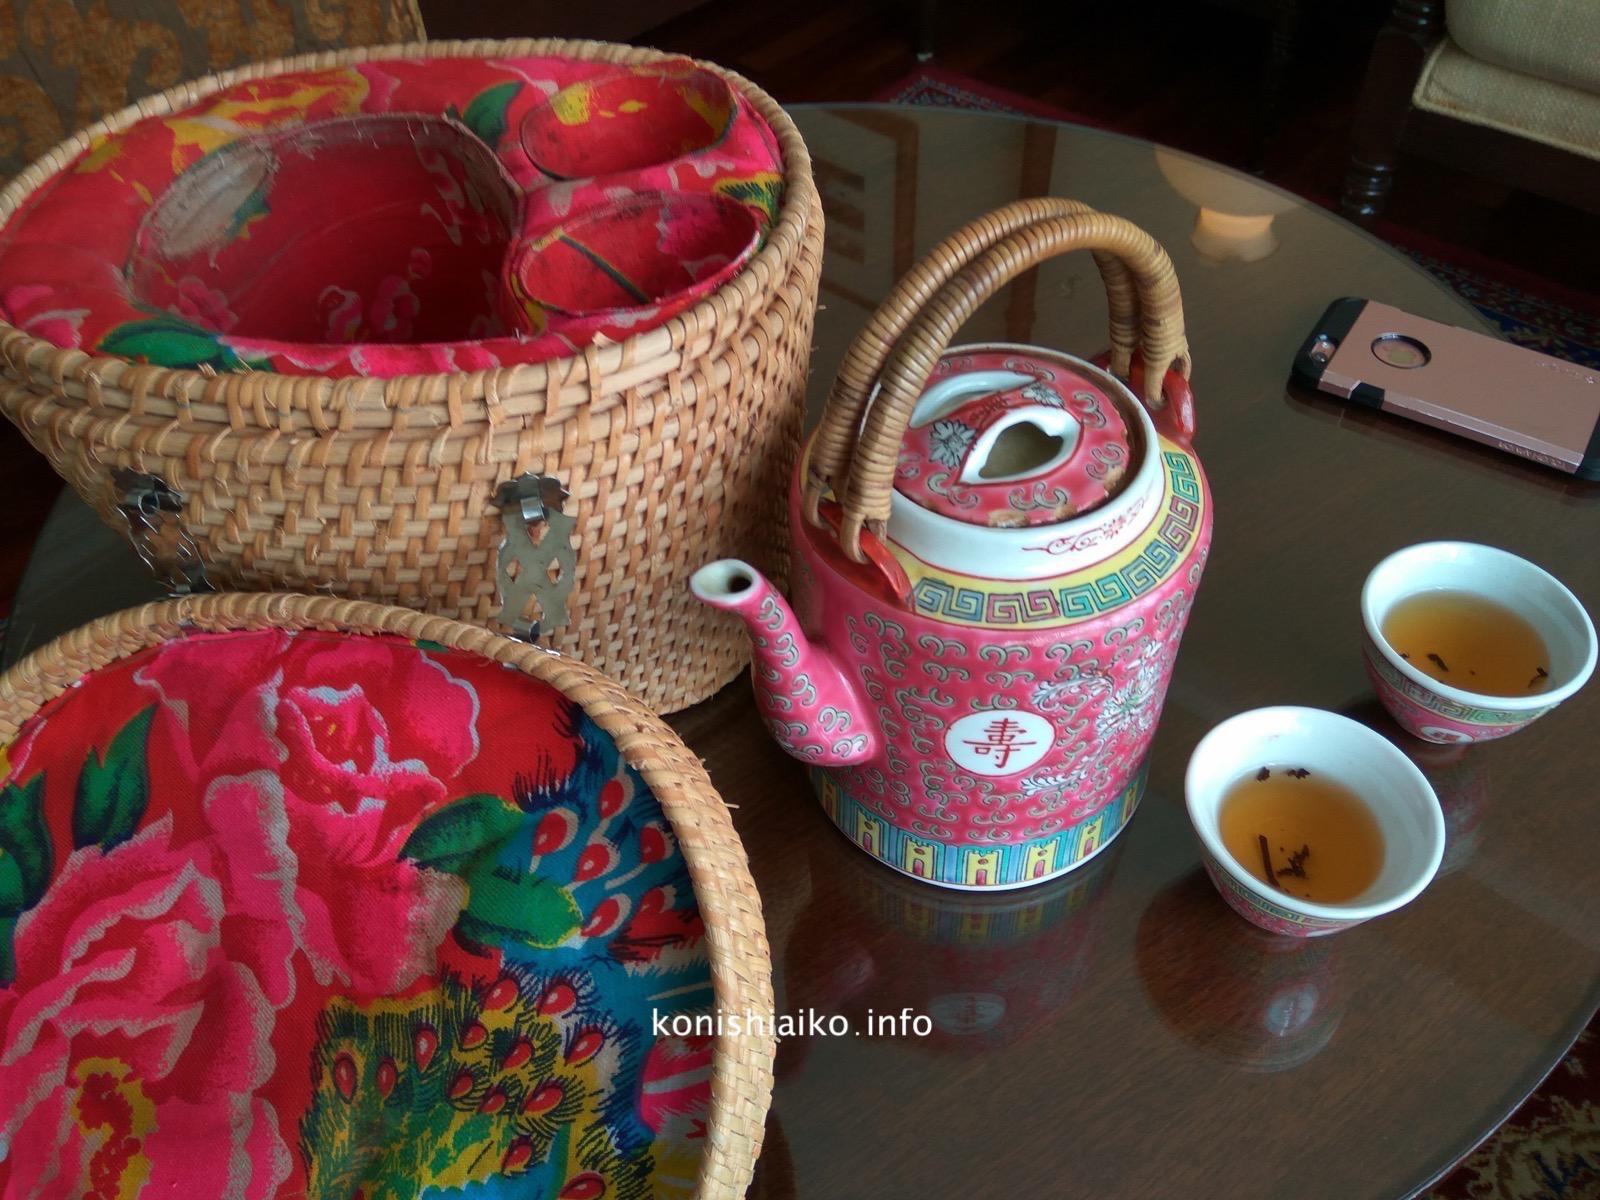 ホテルの方が持ってきてくれたウェルカム・ライチティー。茶器セットが可愛すぎ